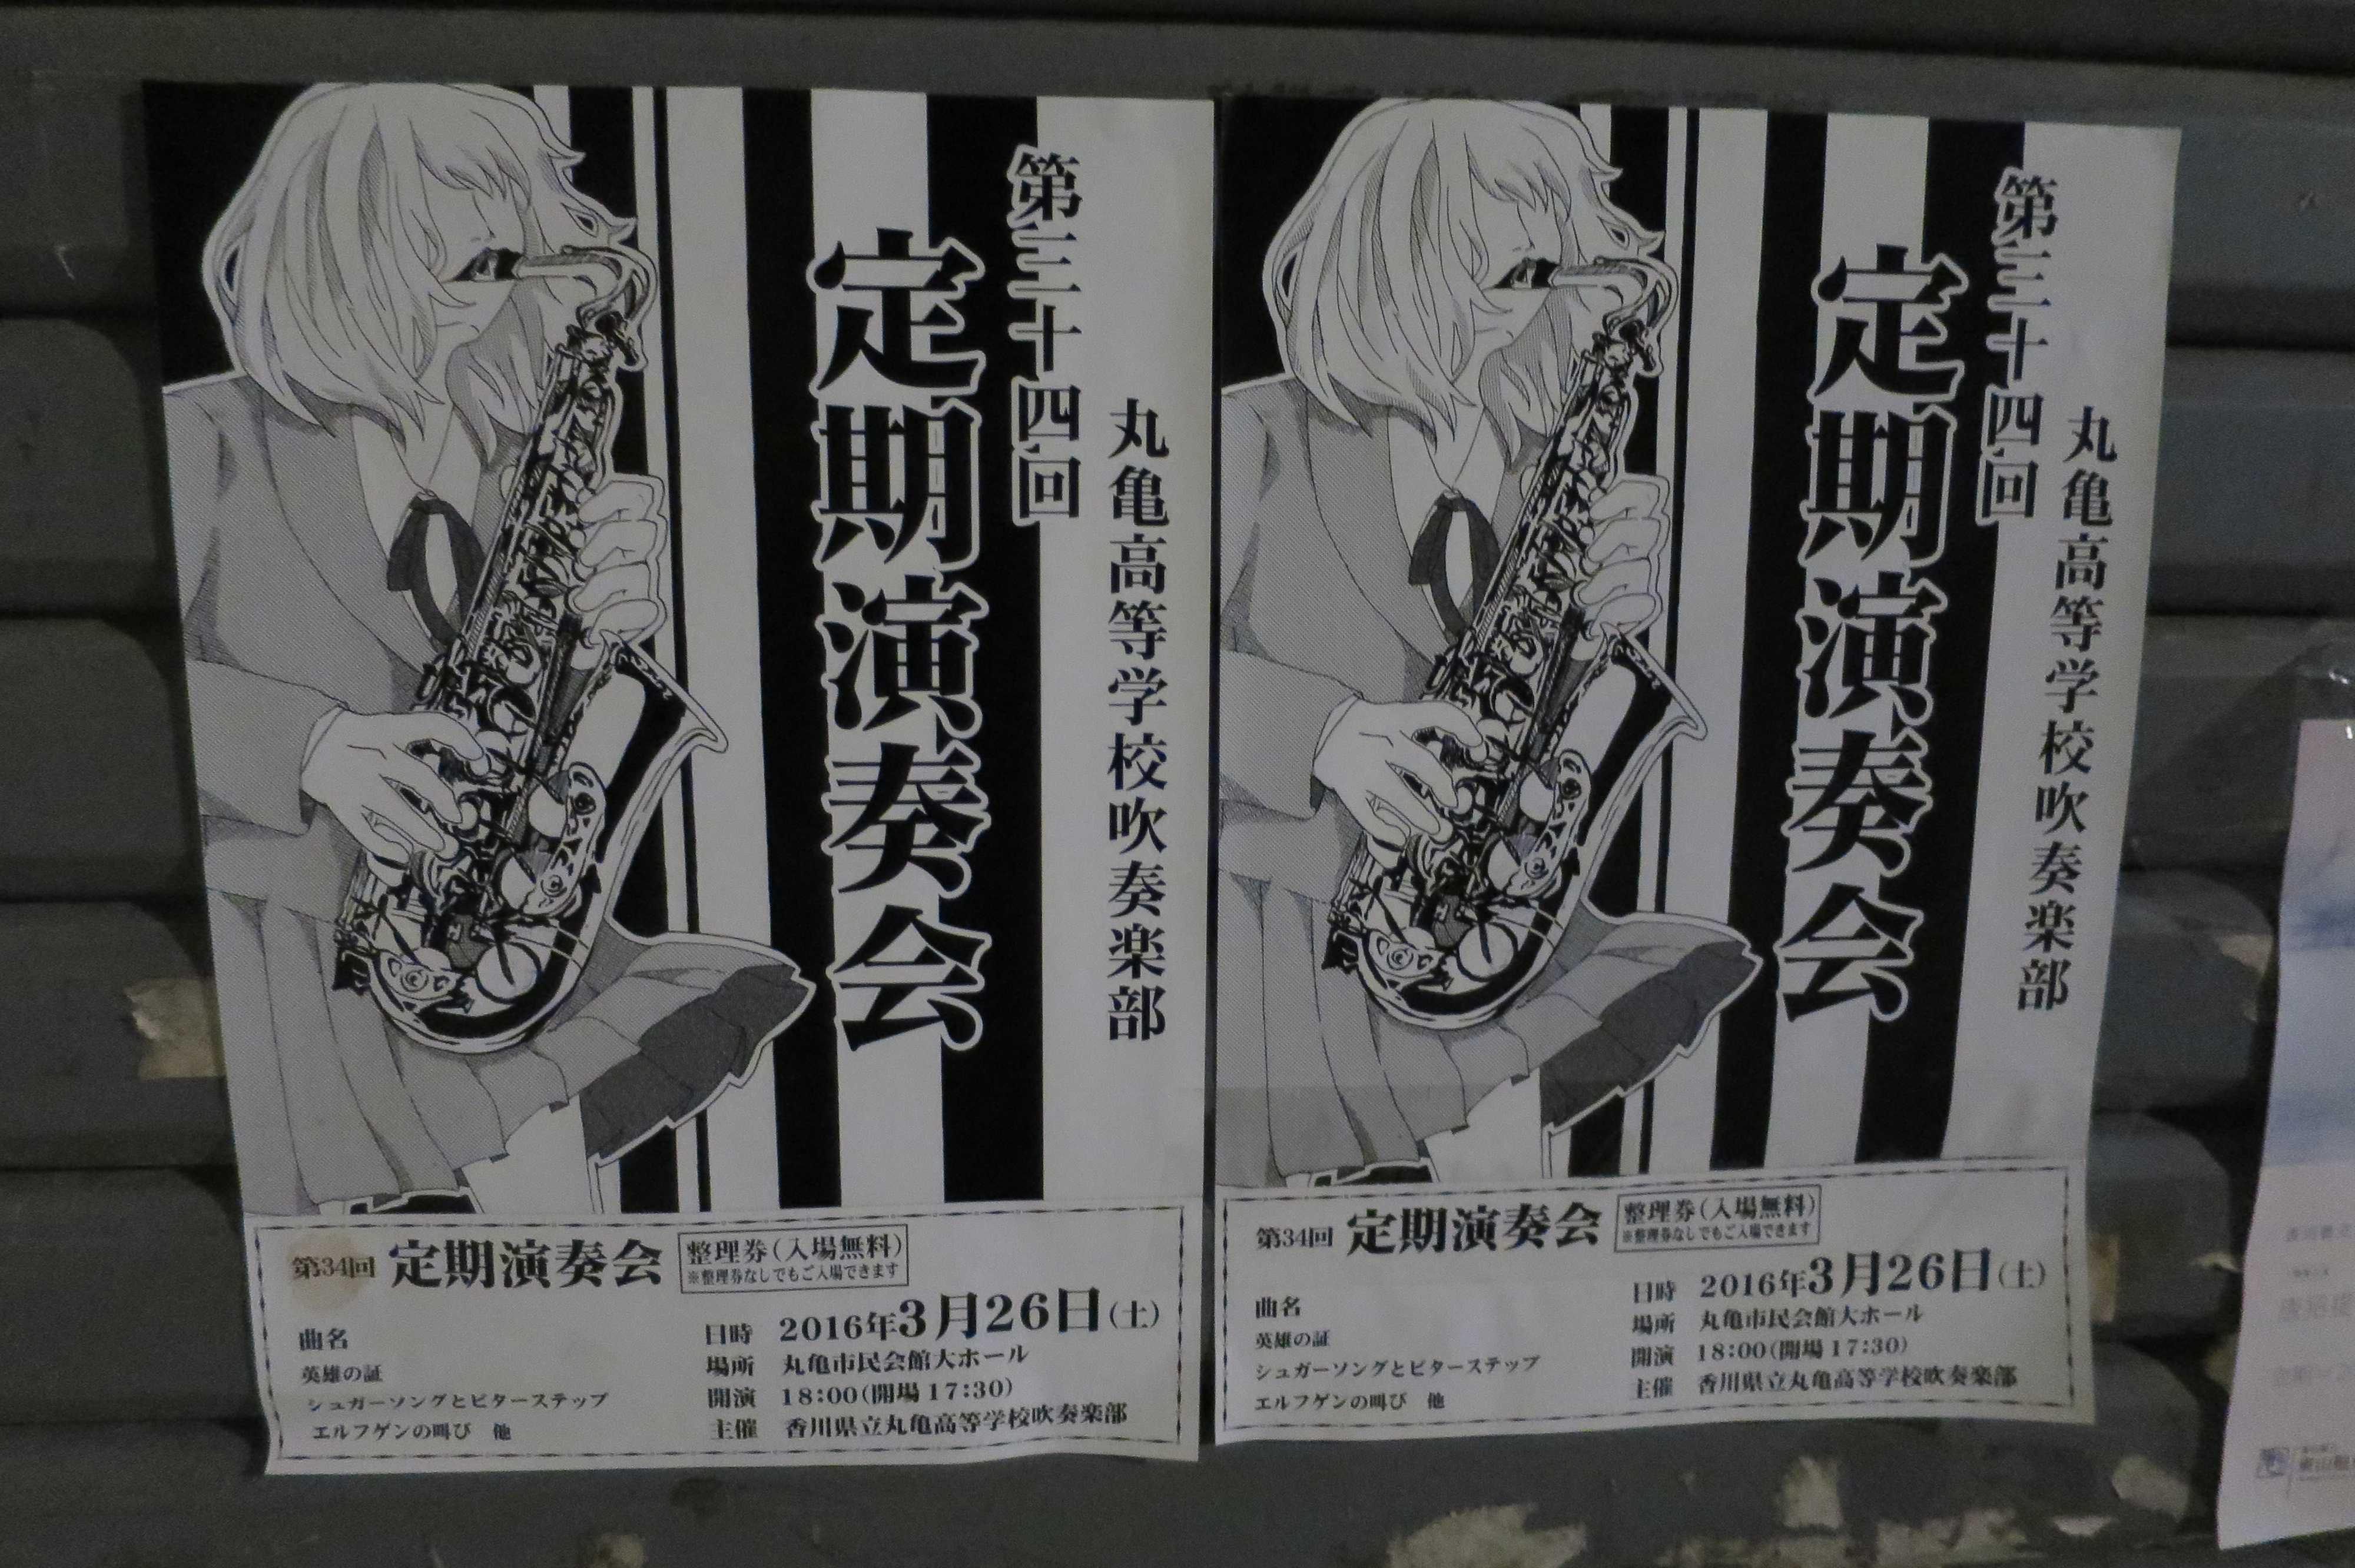 丸亀高等学校吹奏楽部 第34回 定期演奏会